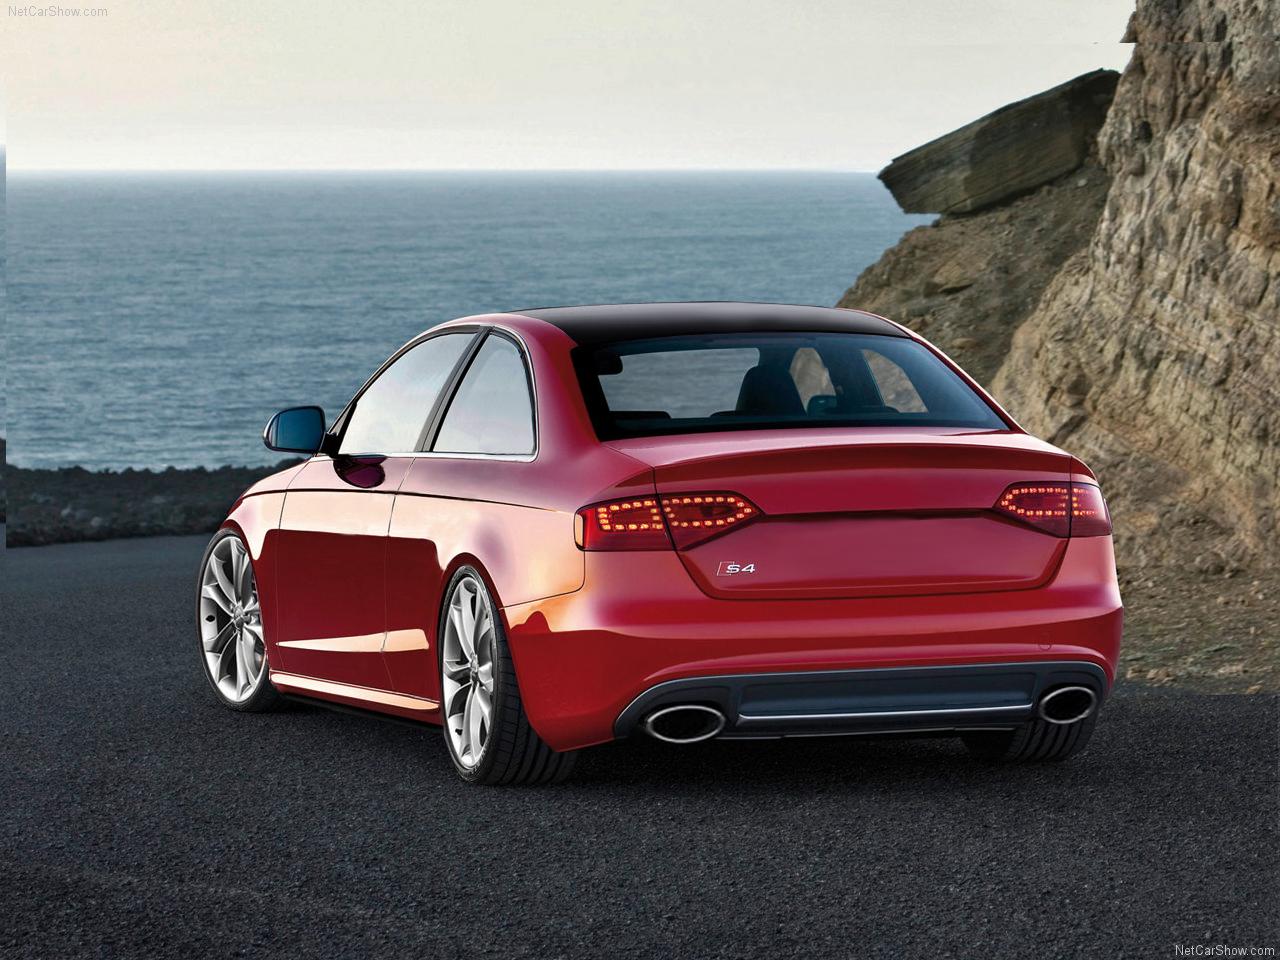 Audi s4 2009 1280x960 wallpaper 0a kopie LED Rckleuchten fr A4 1280x960